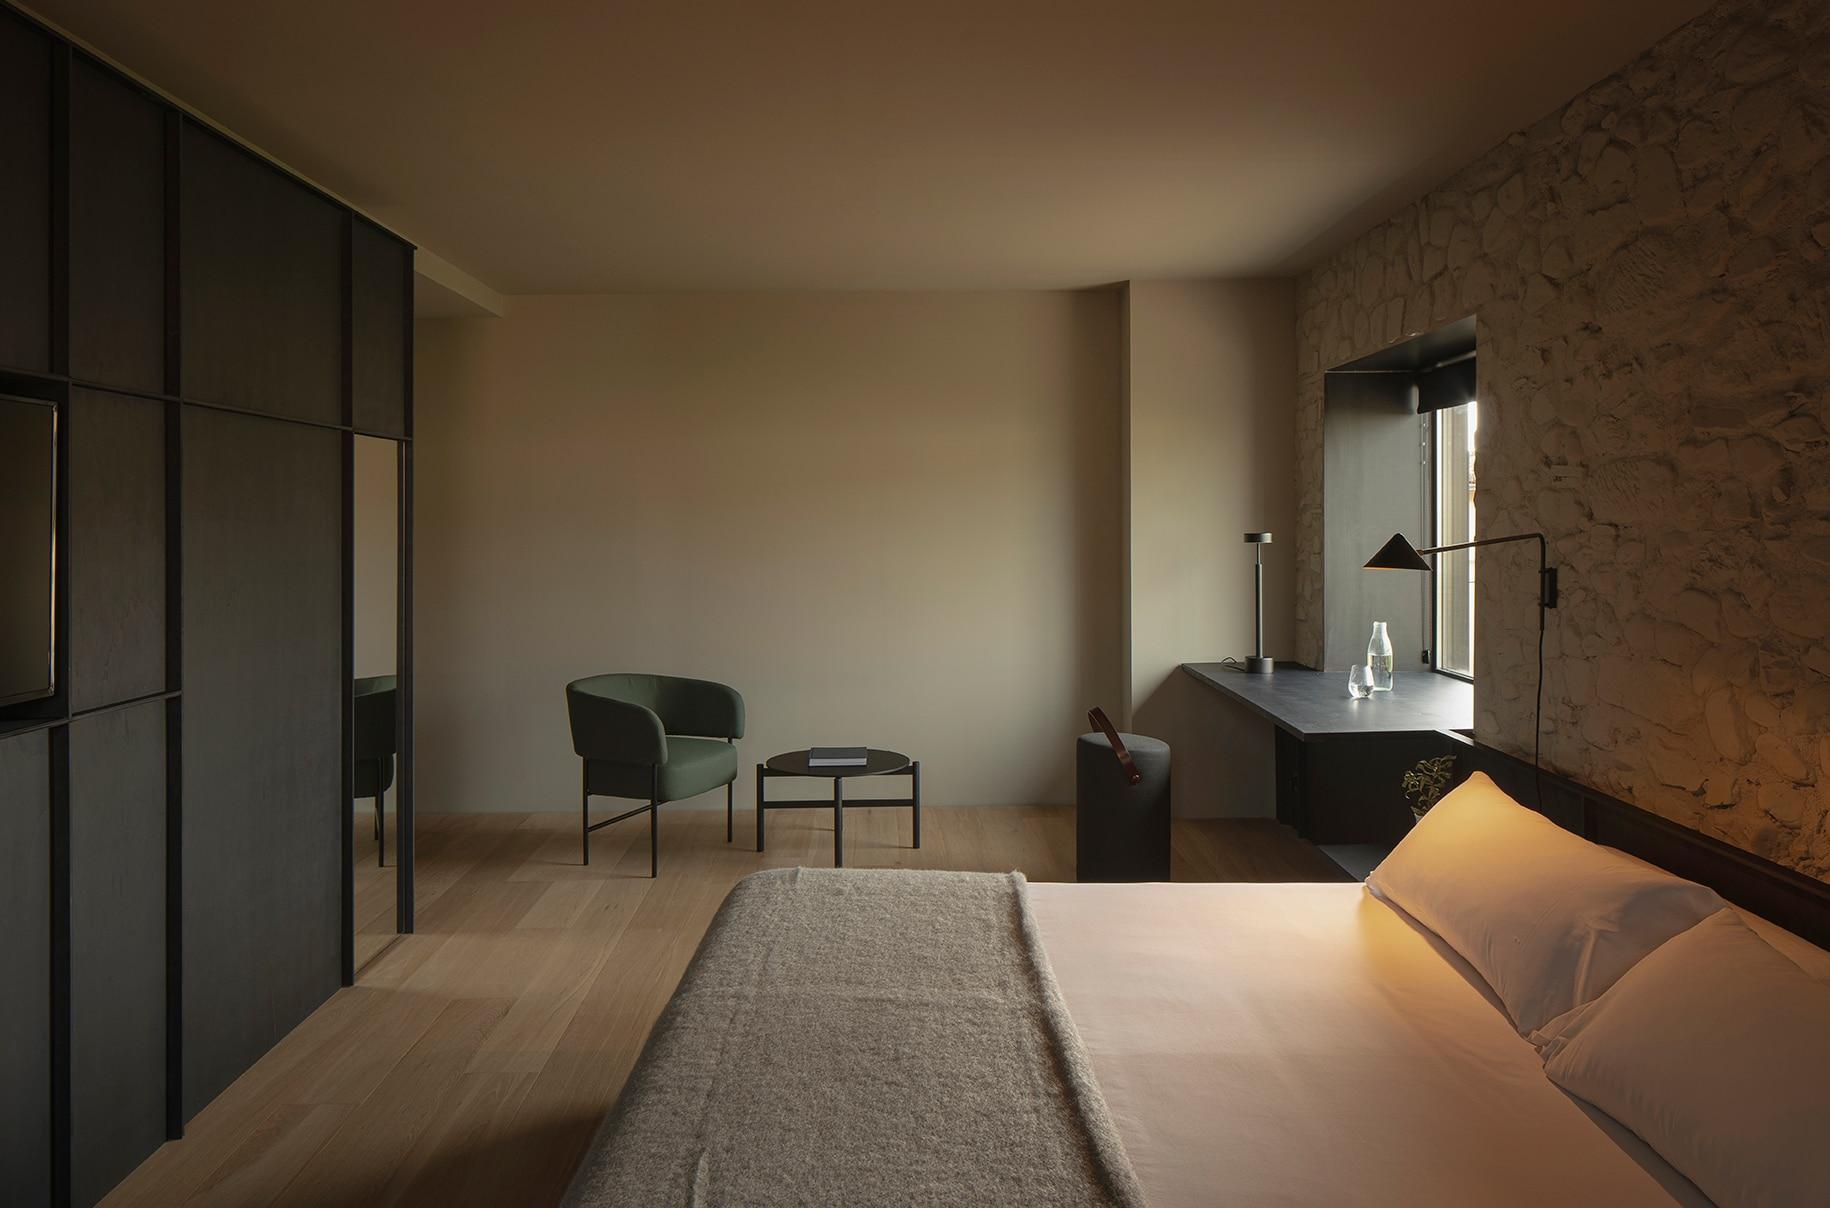 Imagen portada entrada RC Collection en Casa Grande Hotel - Muebles de diseño - Blasco&Vila